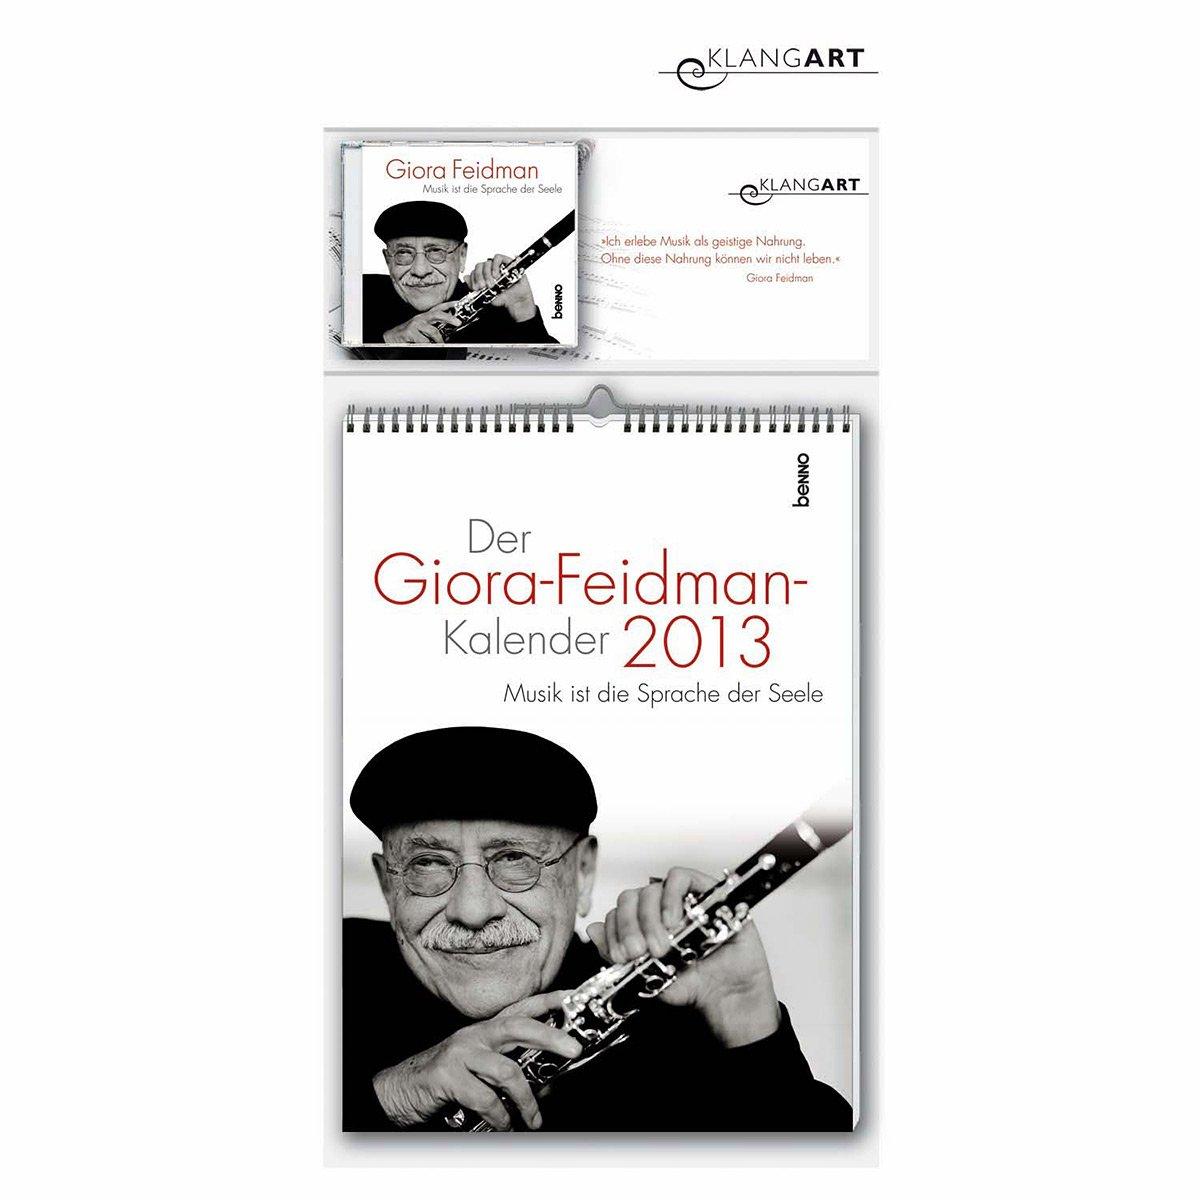 Der Giora-Feidman-Kalender 2013: Musik ist die Sprache der Seele